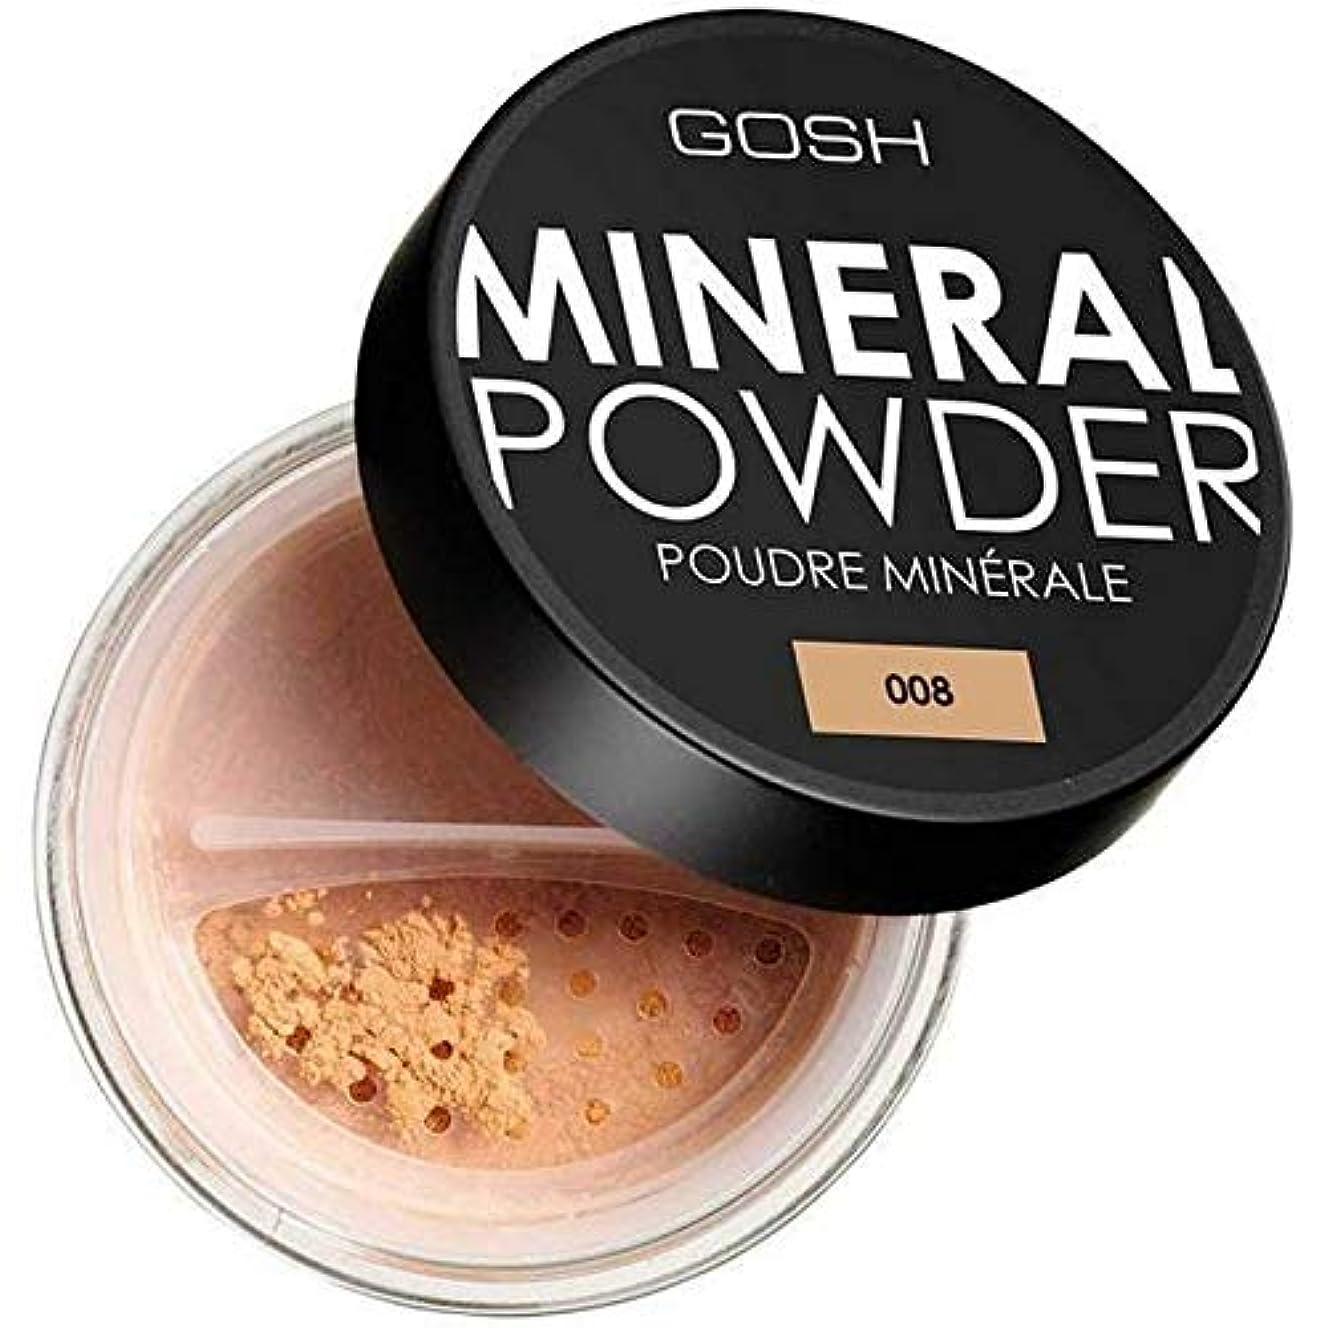 義務づける大いにぼんやりした[GOSH ] おやっミネラルフルカバーファンデーションパウダー日焼け008 - GOSH Mineral Full Coverage Foundation Powder Tan 008 [並行輸入品]